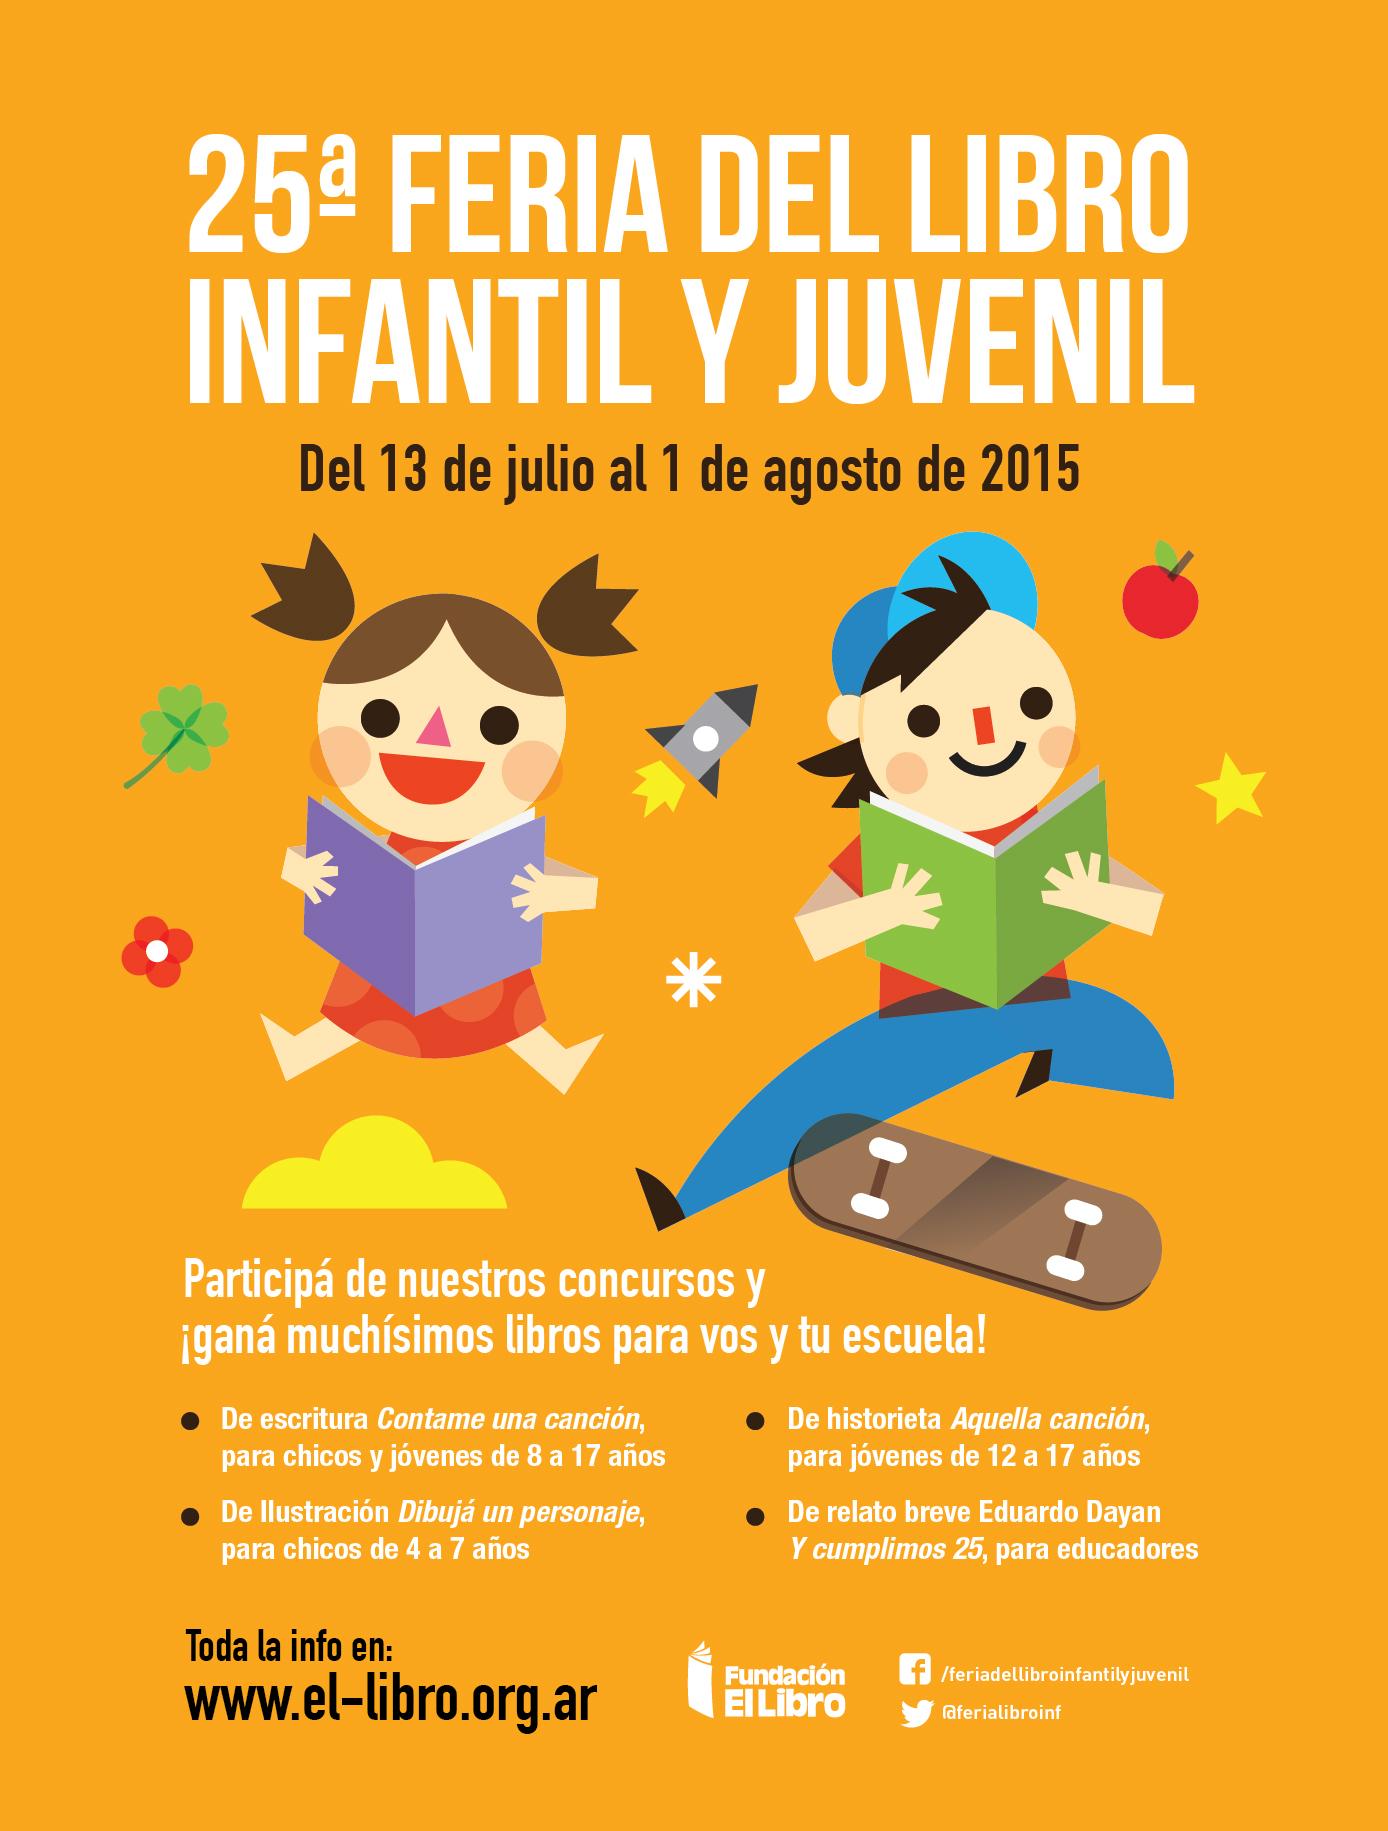 25º Feria del libro infantil y juvenil